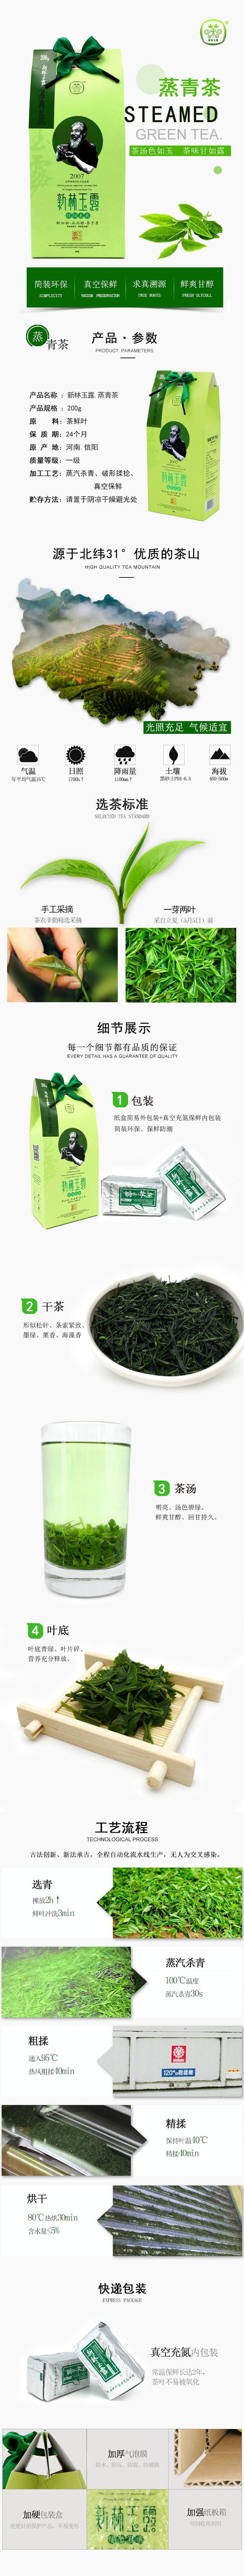 200g蒸青茶.jpg